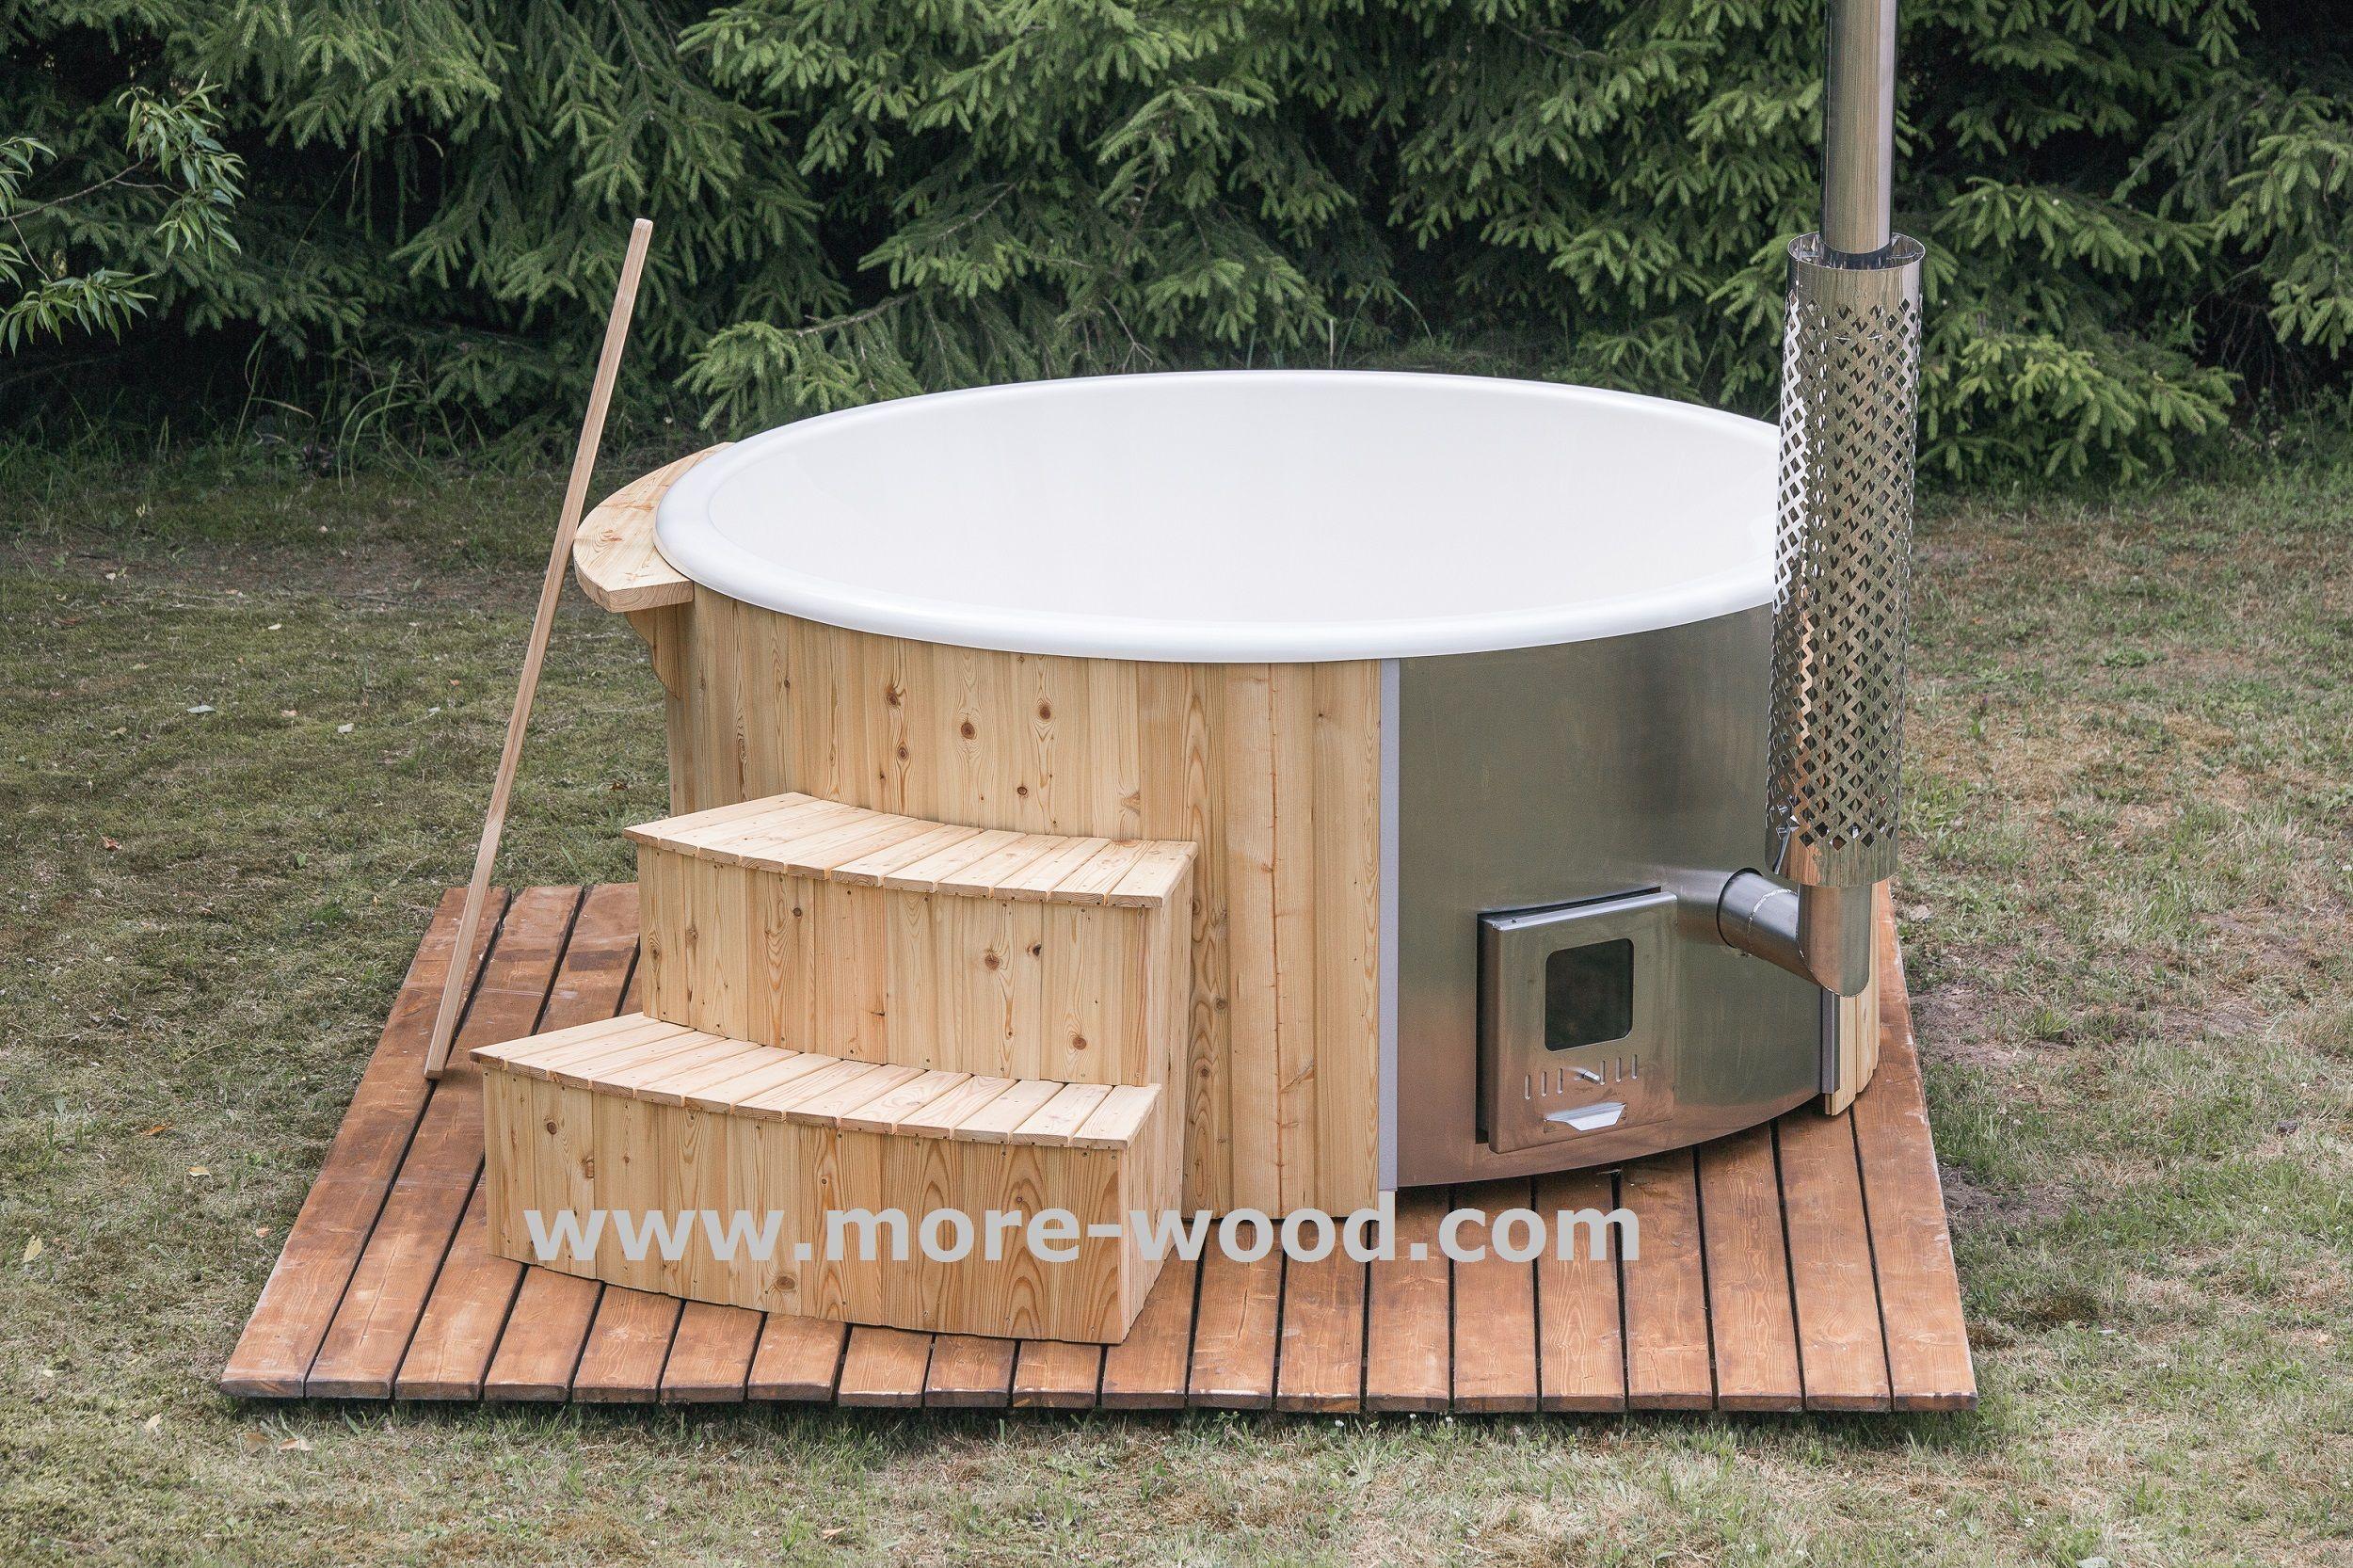 badefass gfk schwimmbad und saunen. Black Bedroom Furniture Sets. Home Design Ideas